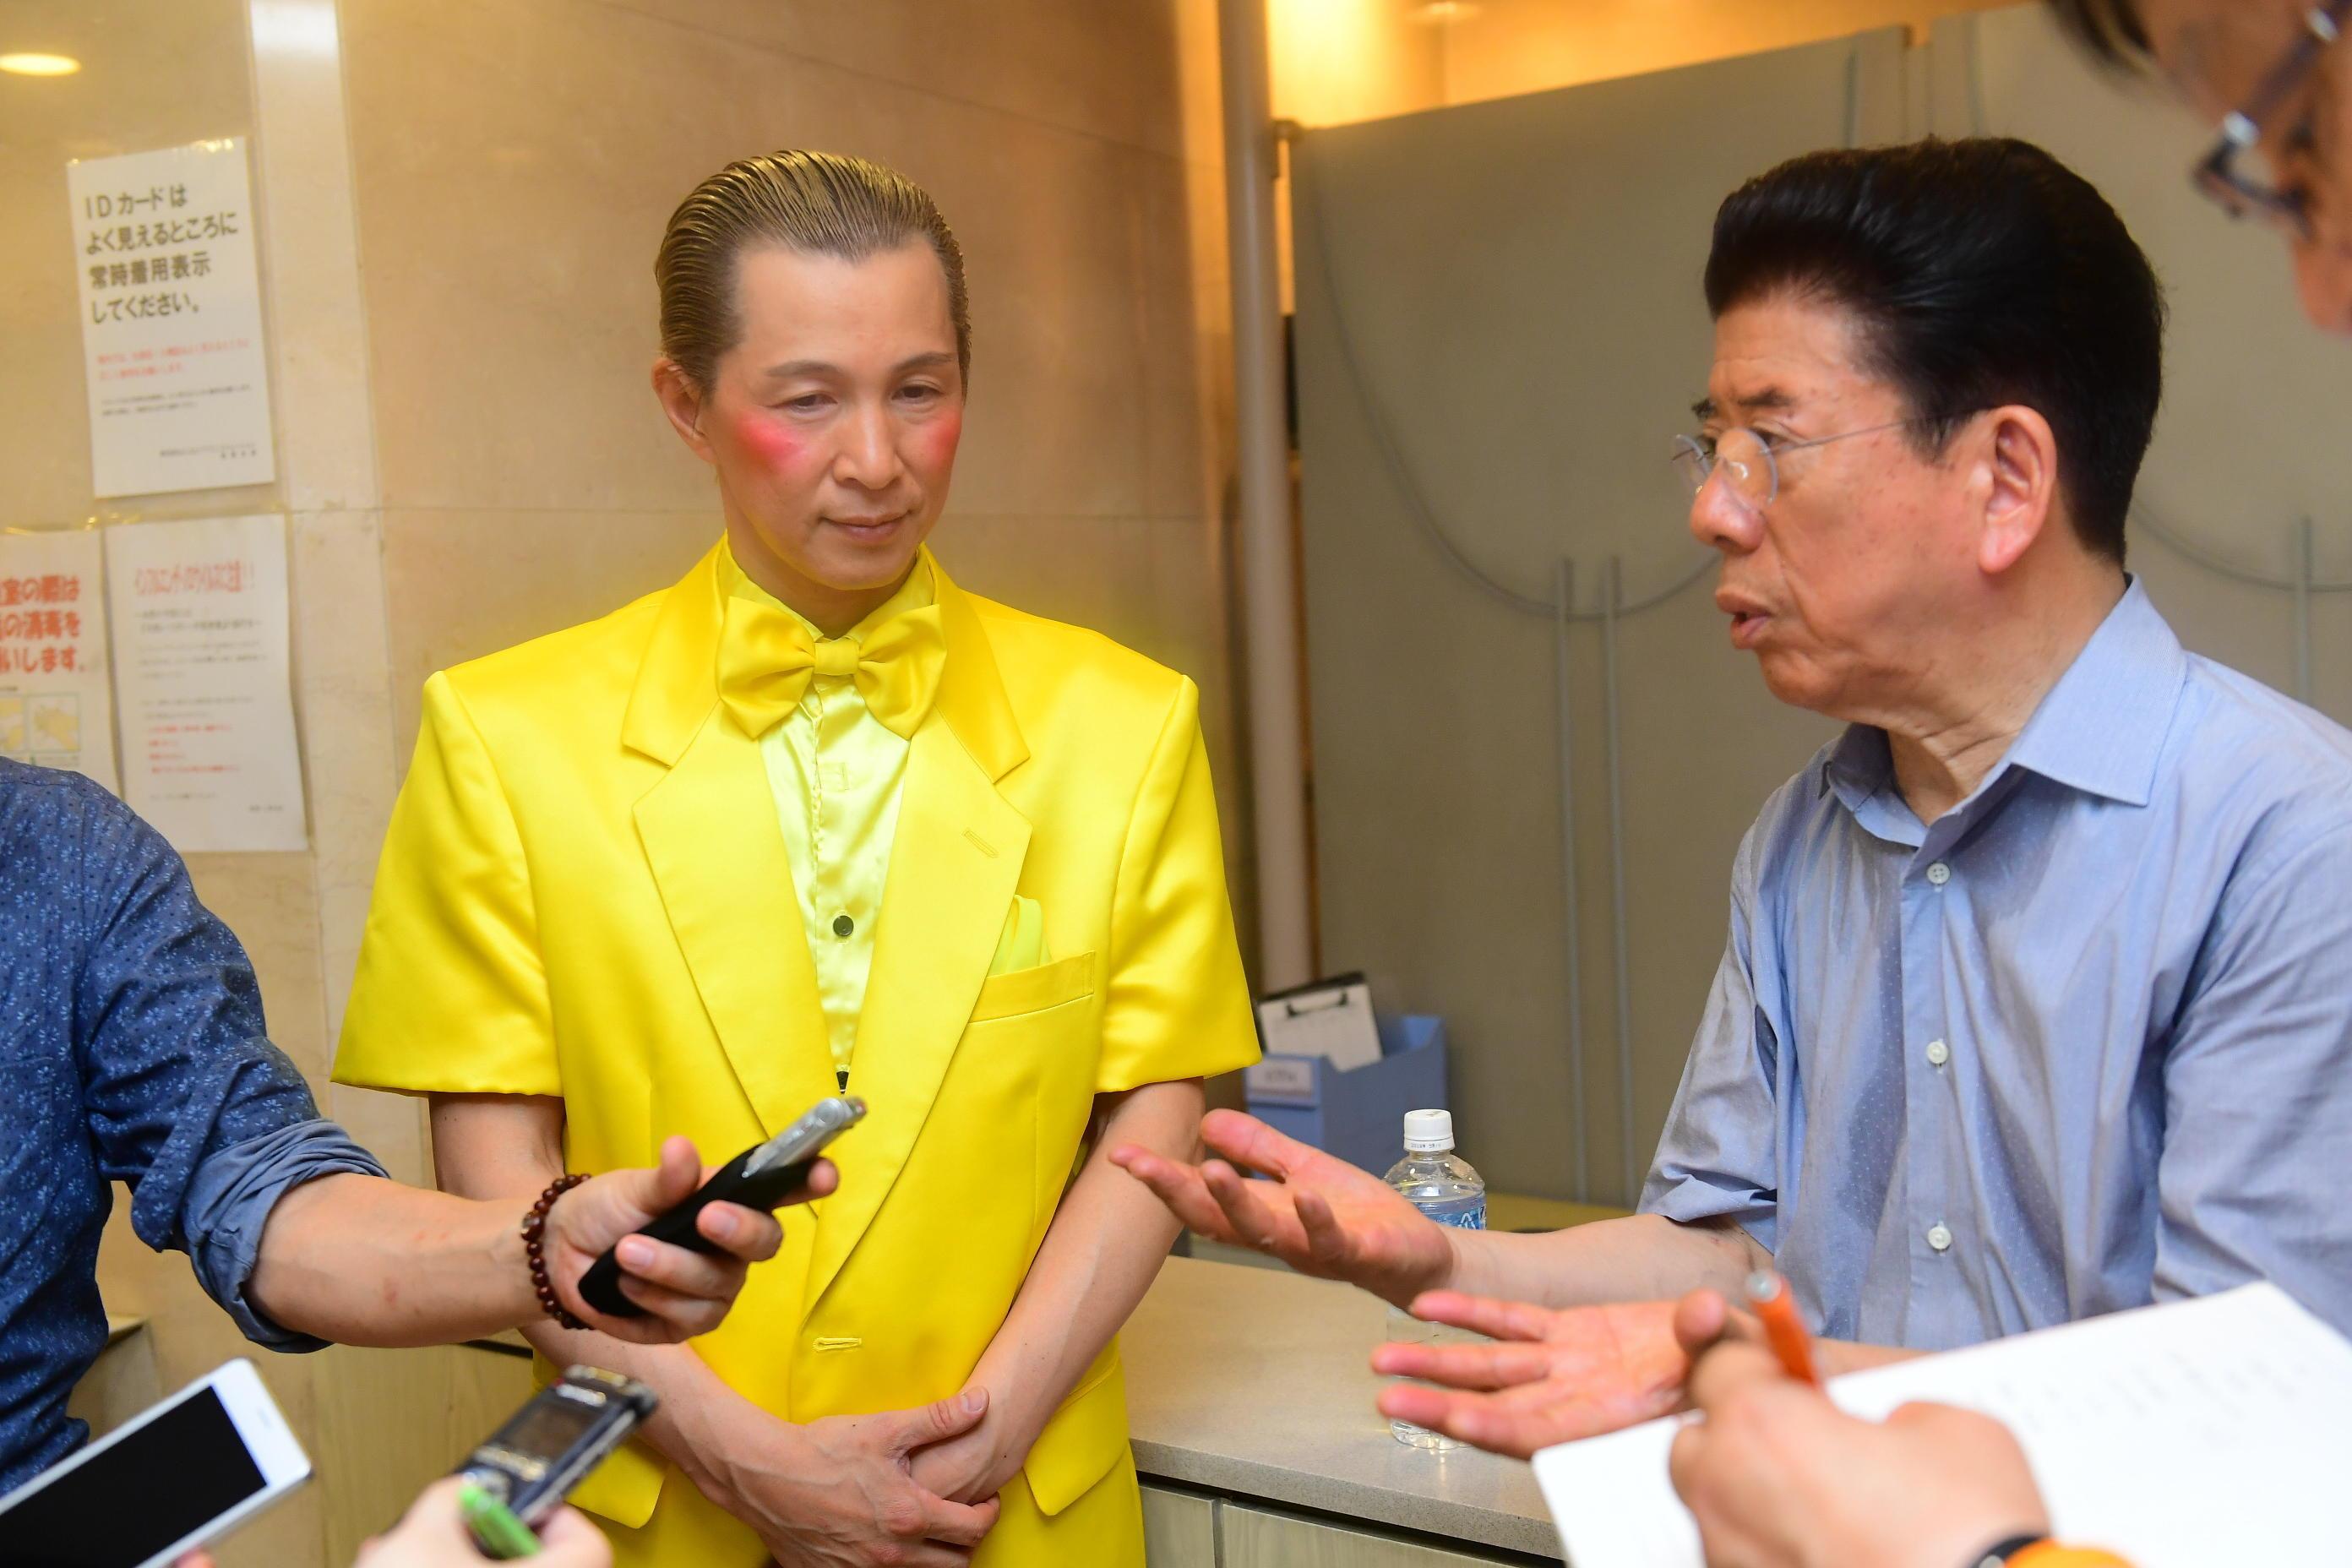 http://news.yoshimoto.co.jp/20170714222347-ca28046be6fa6cc7f66483b91abf5d3a0df626ff.jpg